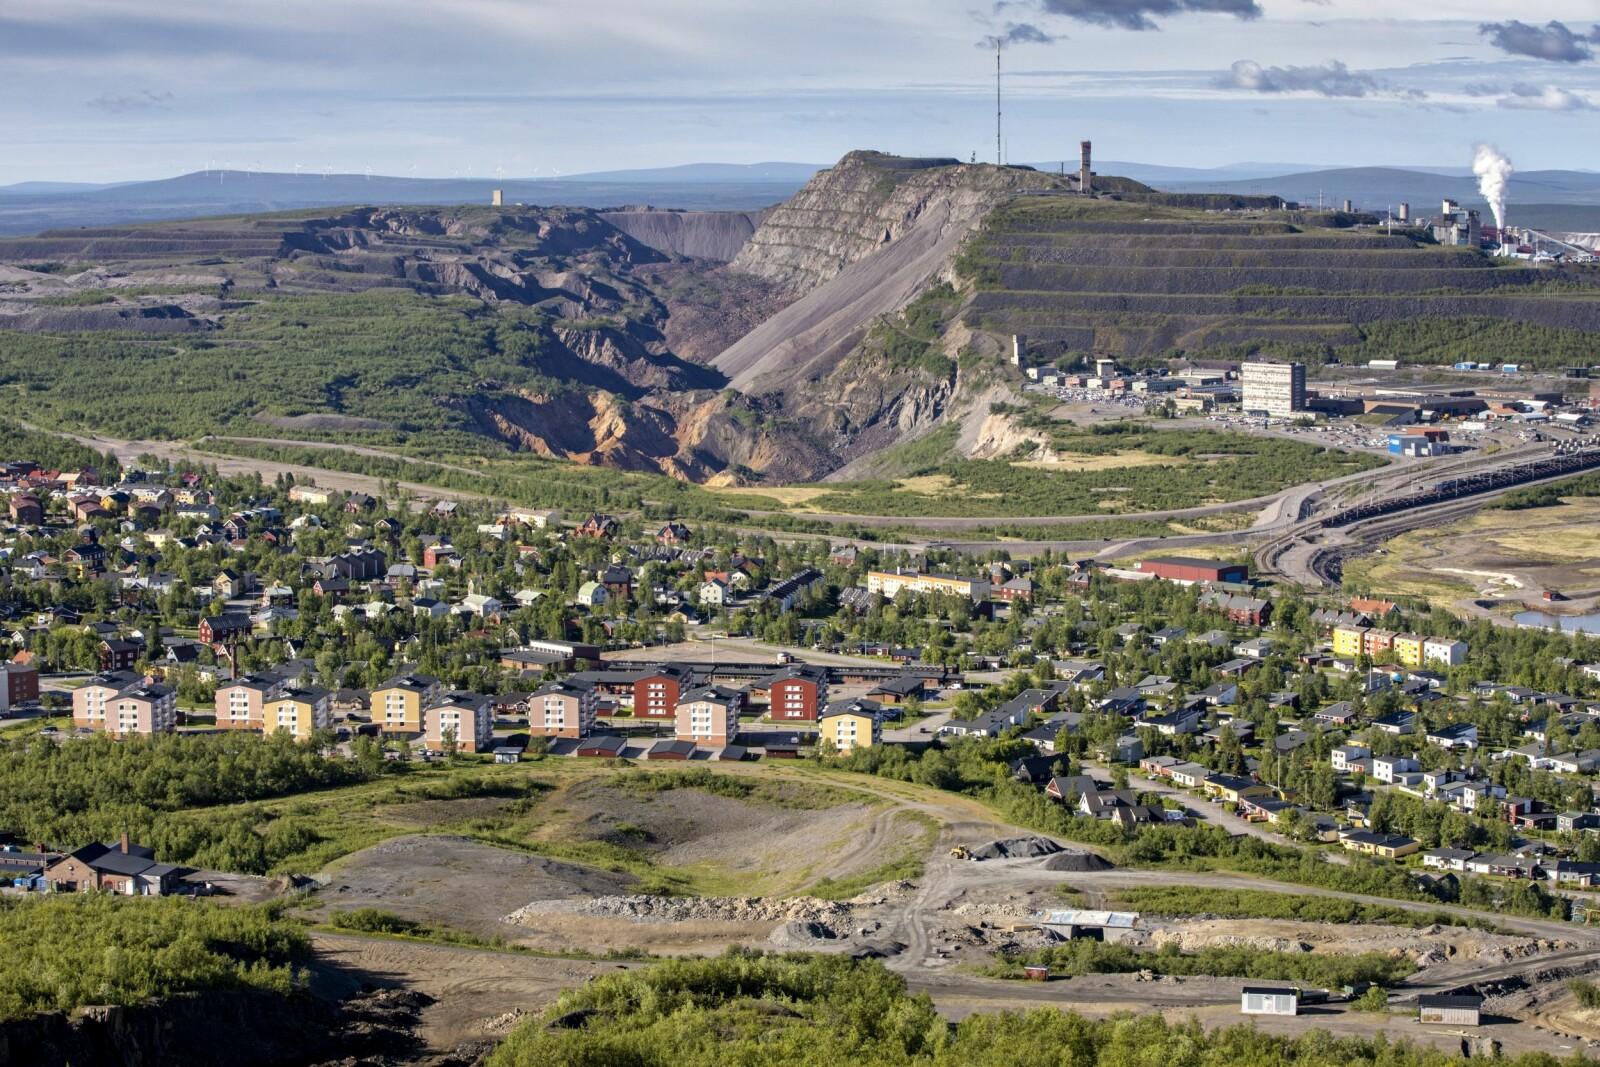 <b>SNART BORTE:</b> Dagens Kiruna med jernmalmgruven i bakgrunnen. Om få år vil mye av dette være borte. I2022 skal byens nye sentrum stå klart omtrent tre kilometer lenger nord.